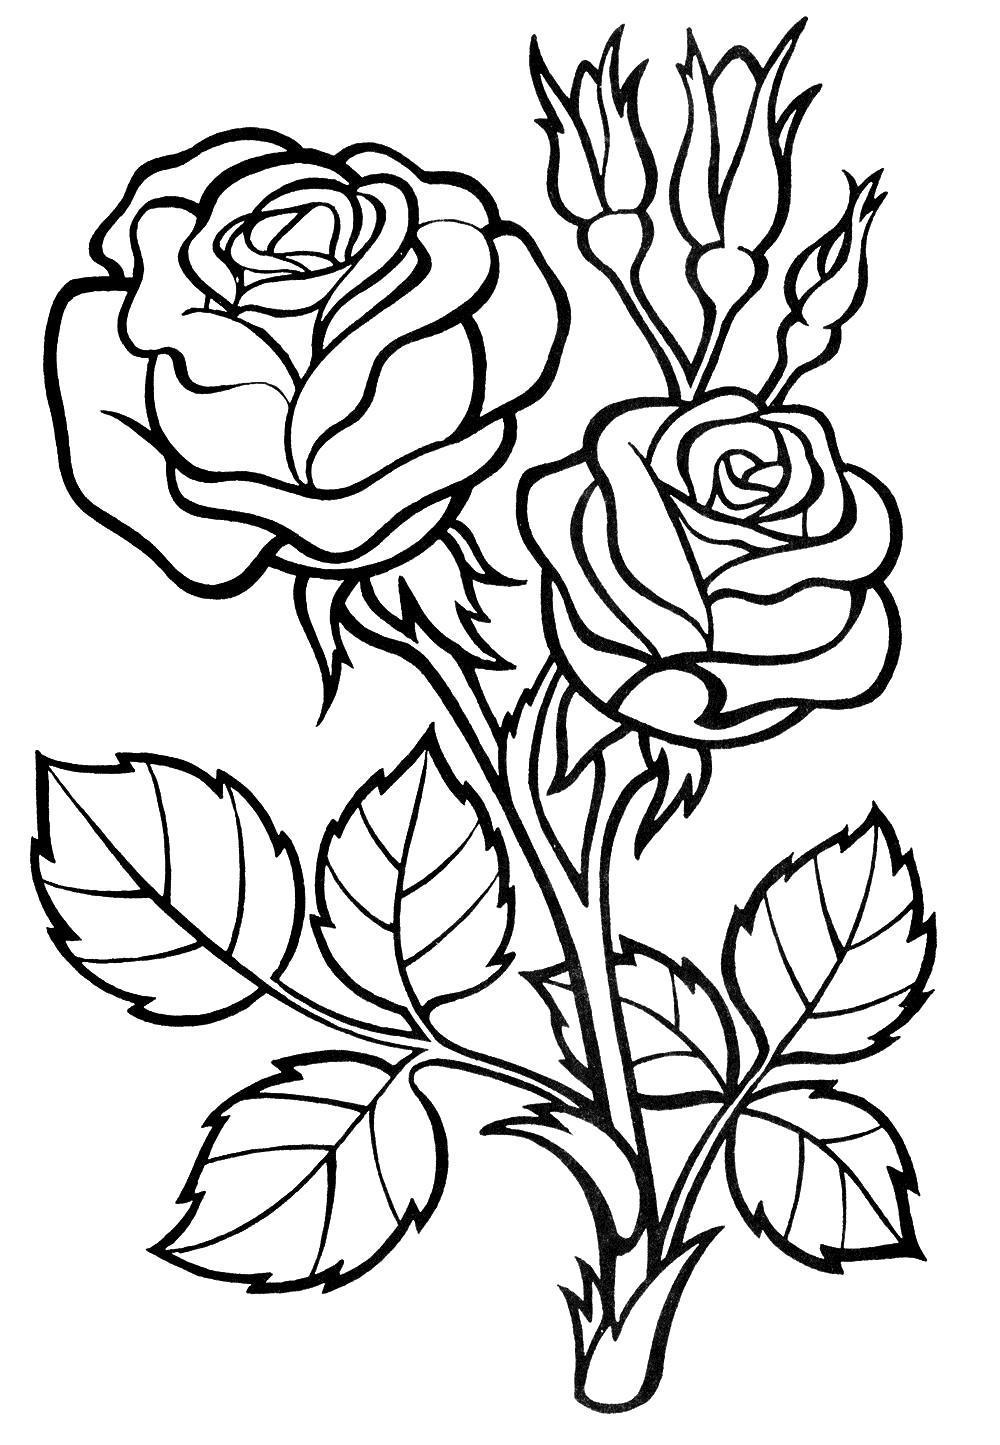 Раскраска цветы скачать бесплатно